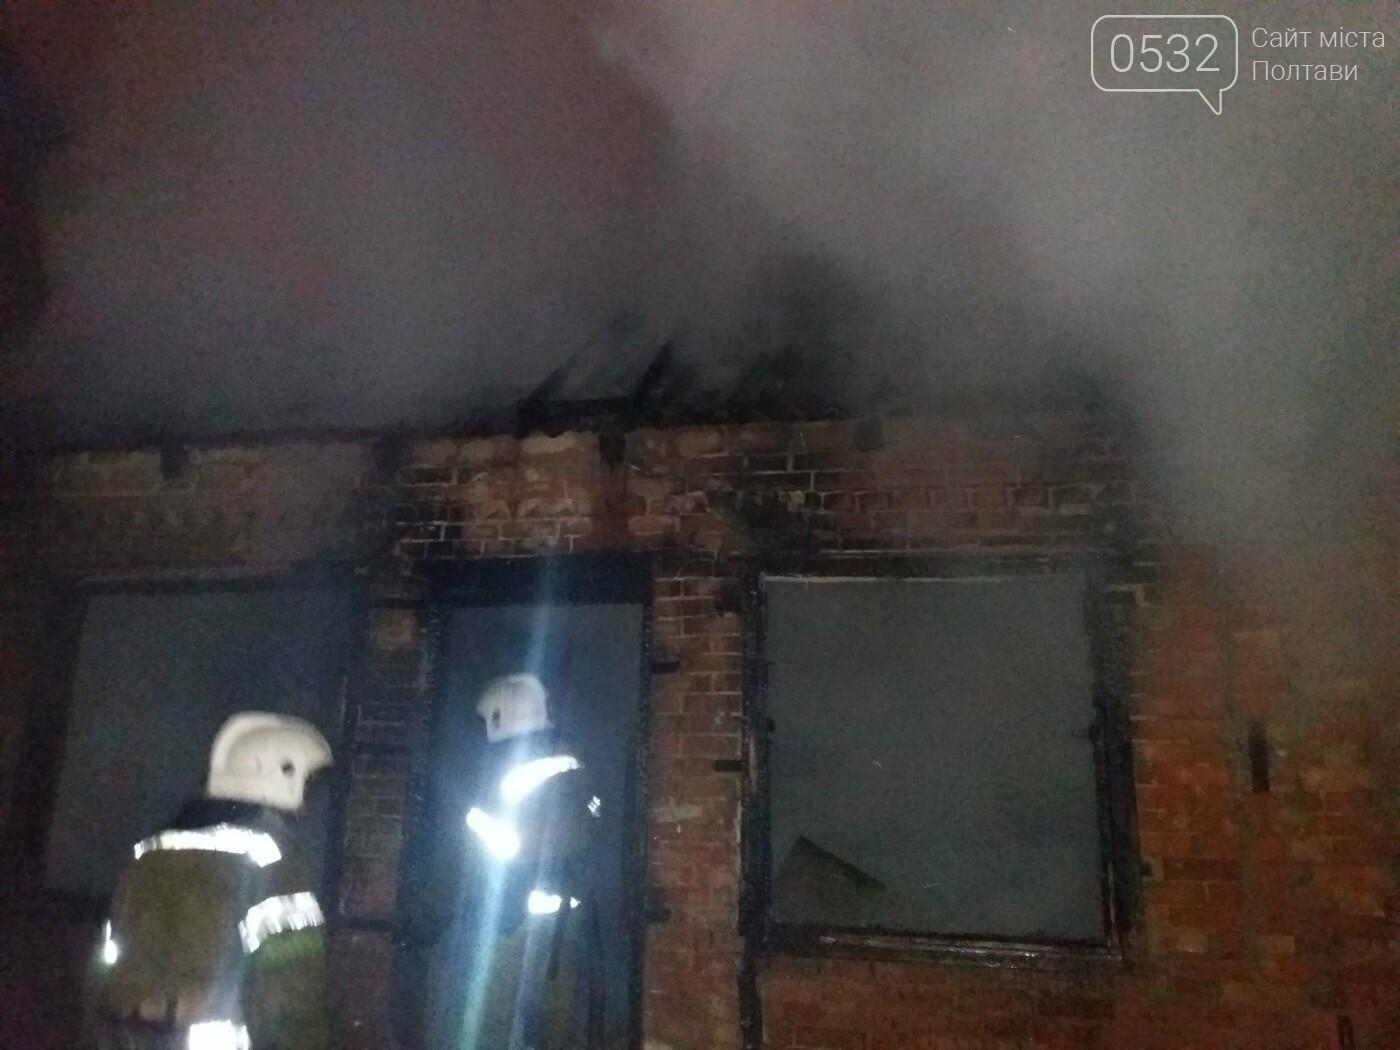 Вночі у Полтаві сталася пожежа у приватному секторі, фото-7